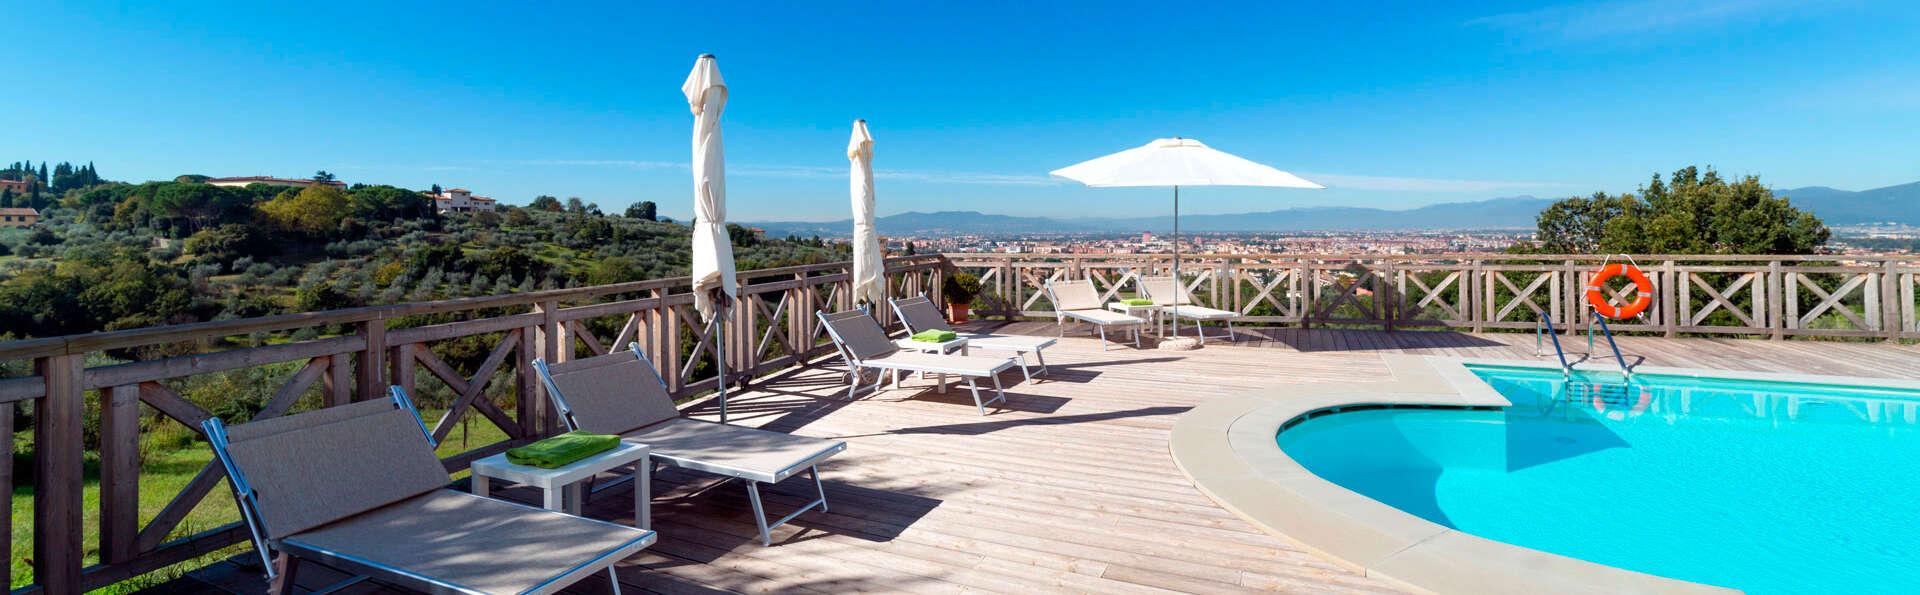 Week-end bien-être avec vue incroyable sur Florence